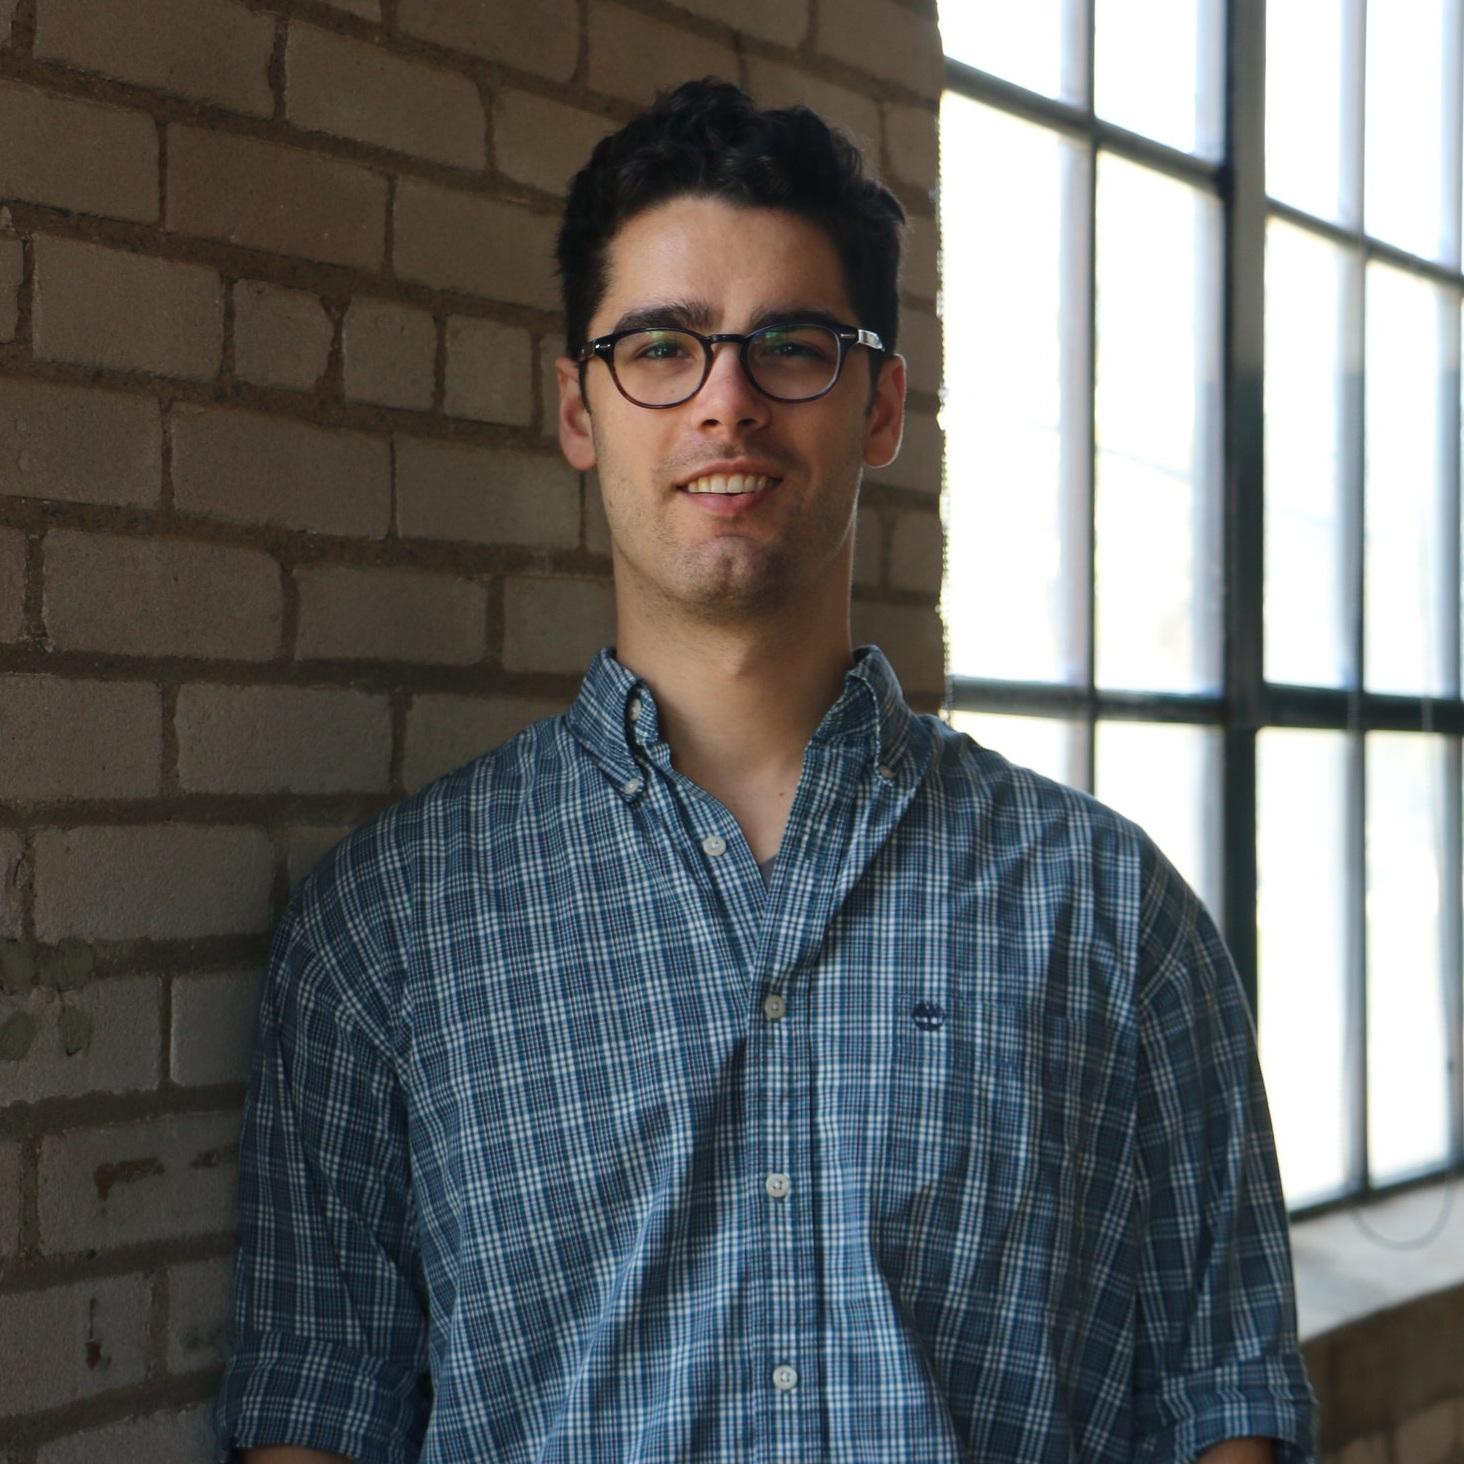 Joseph Gravlin - Software Developer